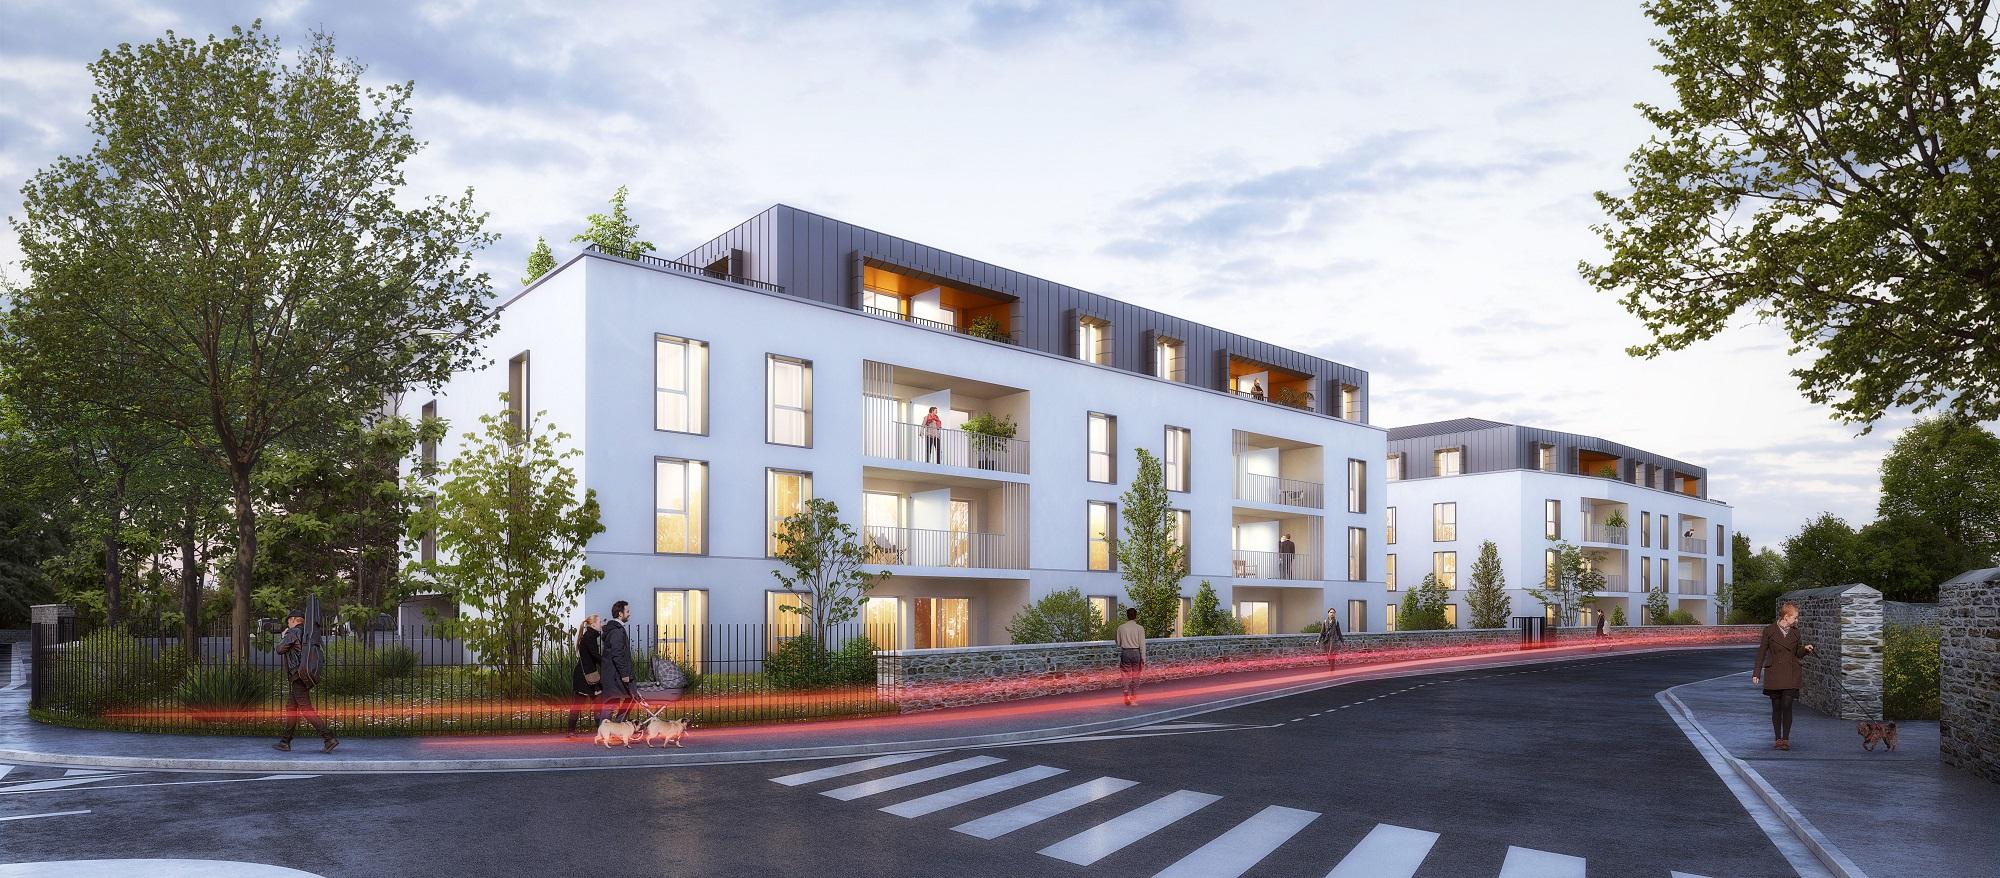 L-2018-06 - REALITES - Construction de 62 Logements quartier CHU - Angers (49) ©Rolland & associés1 petite